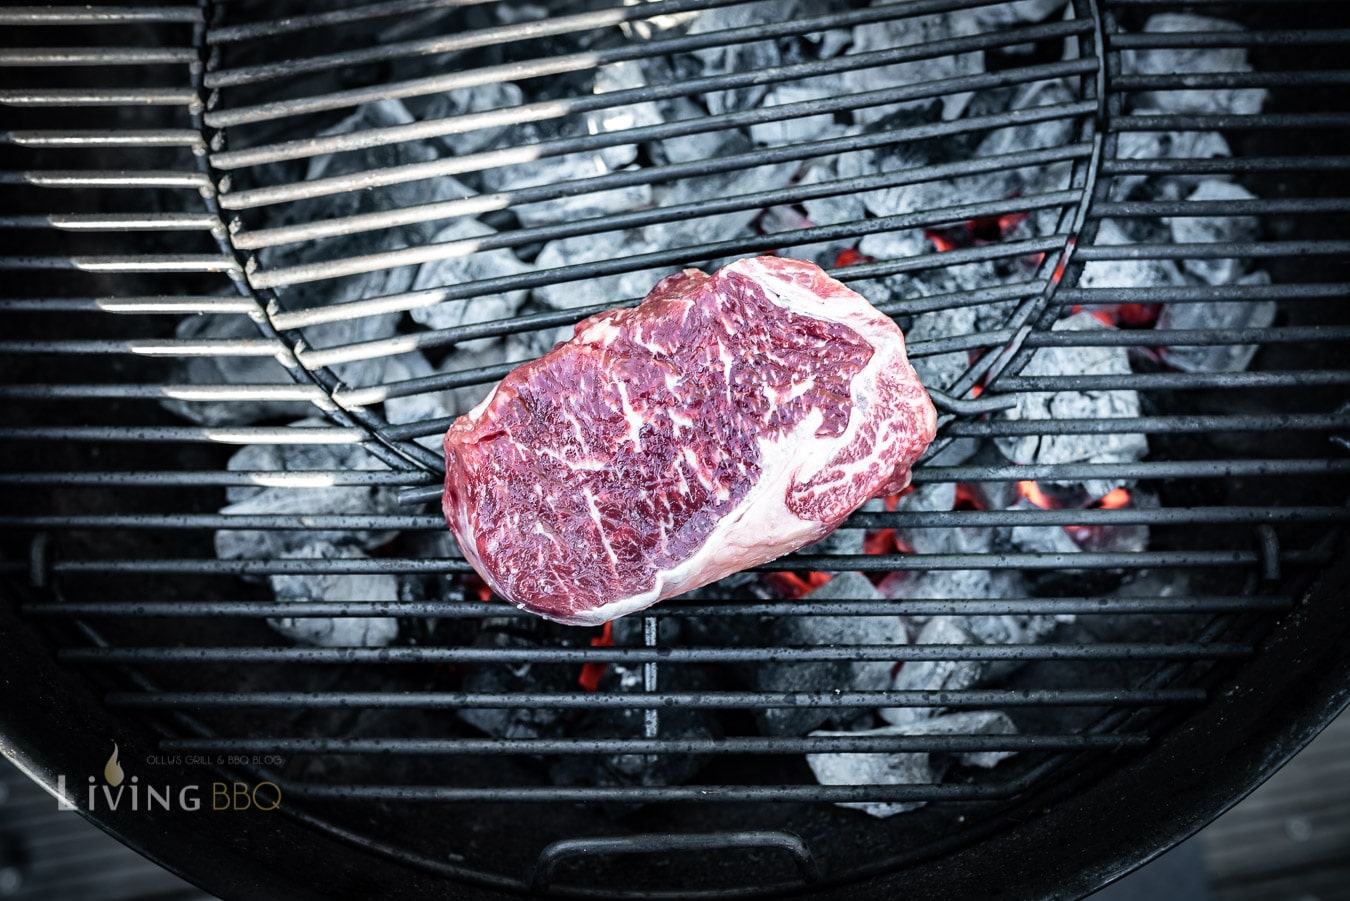 Steak direkt angrillen